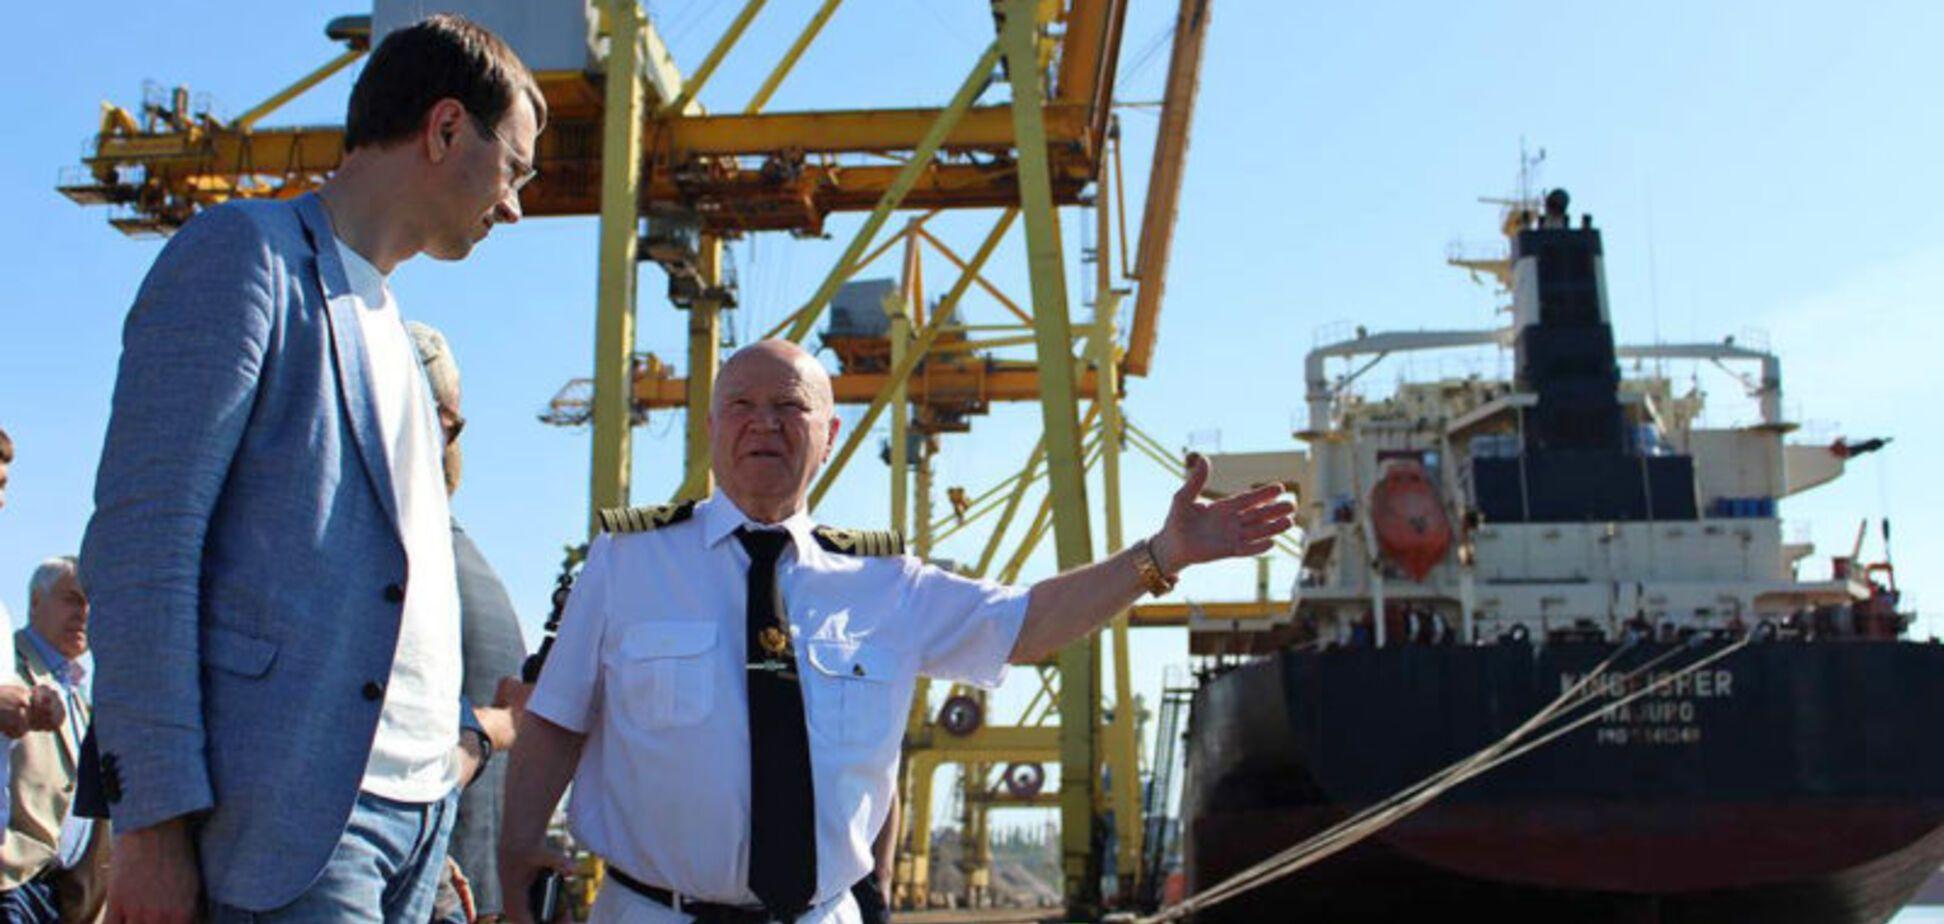 Снижение портовых сборов, совершенное экс-министром Омеляном, было достижением - ЕВА